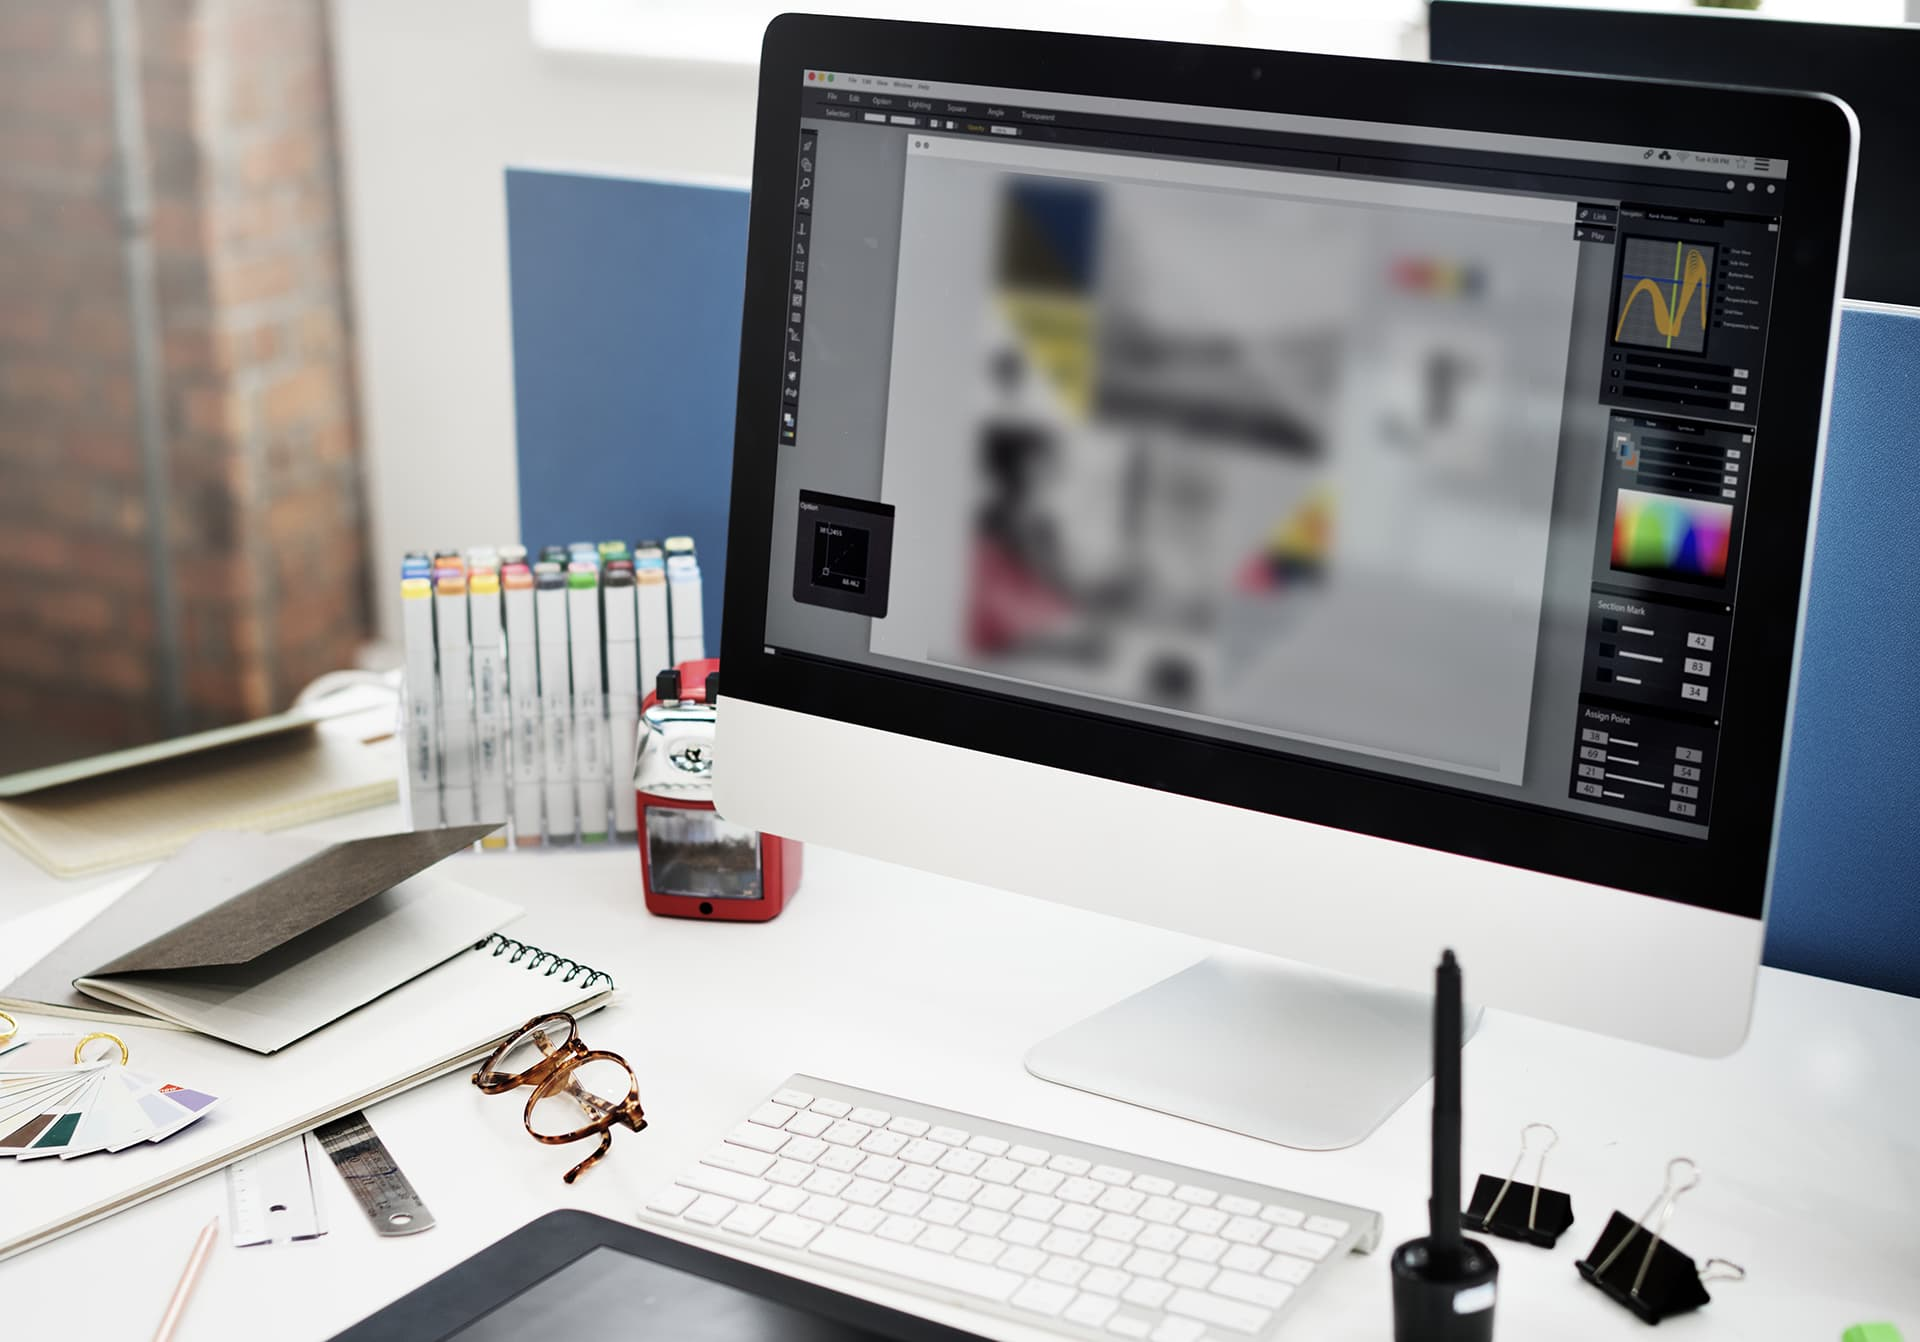 Bureau avec un ordinateur et une tablette graphique